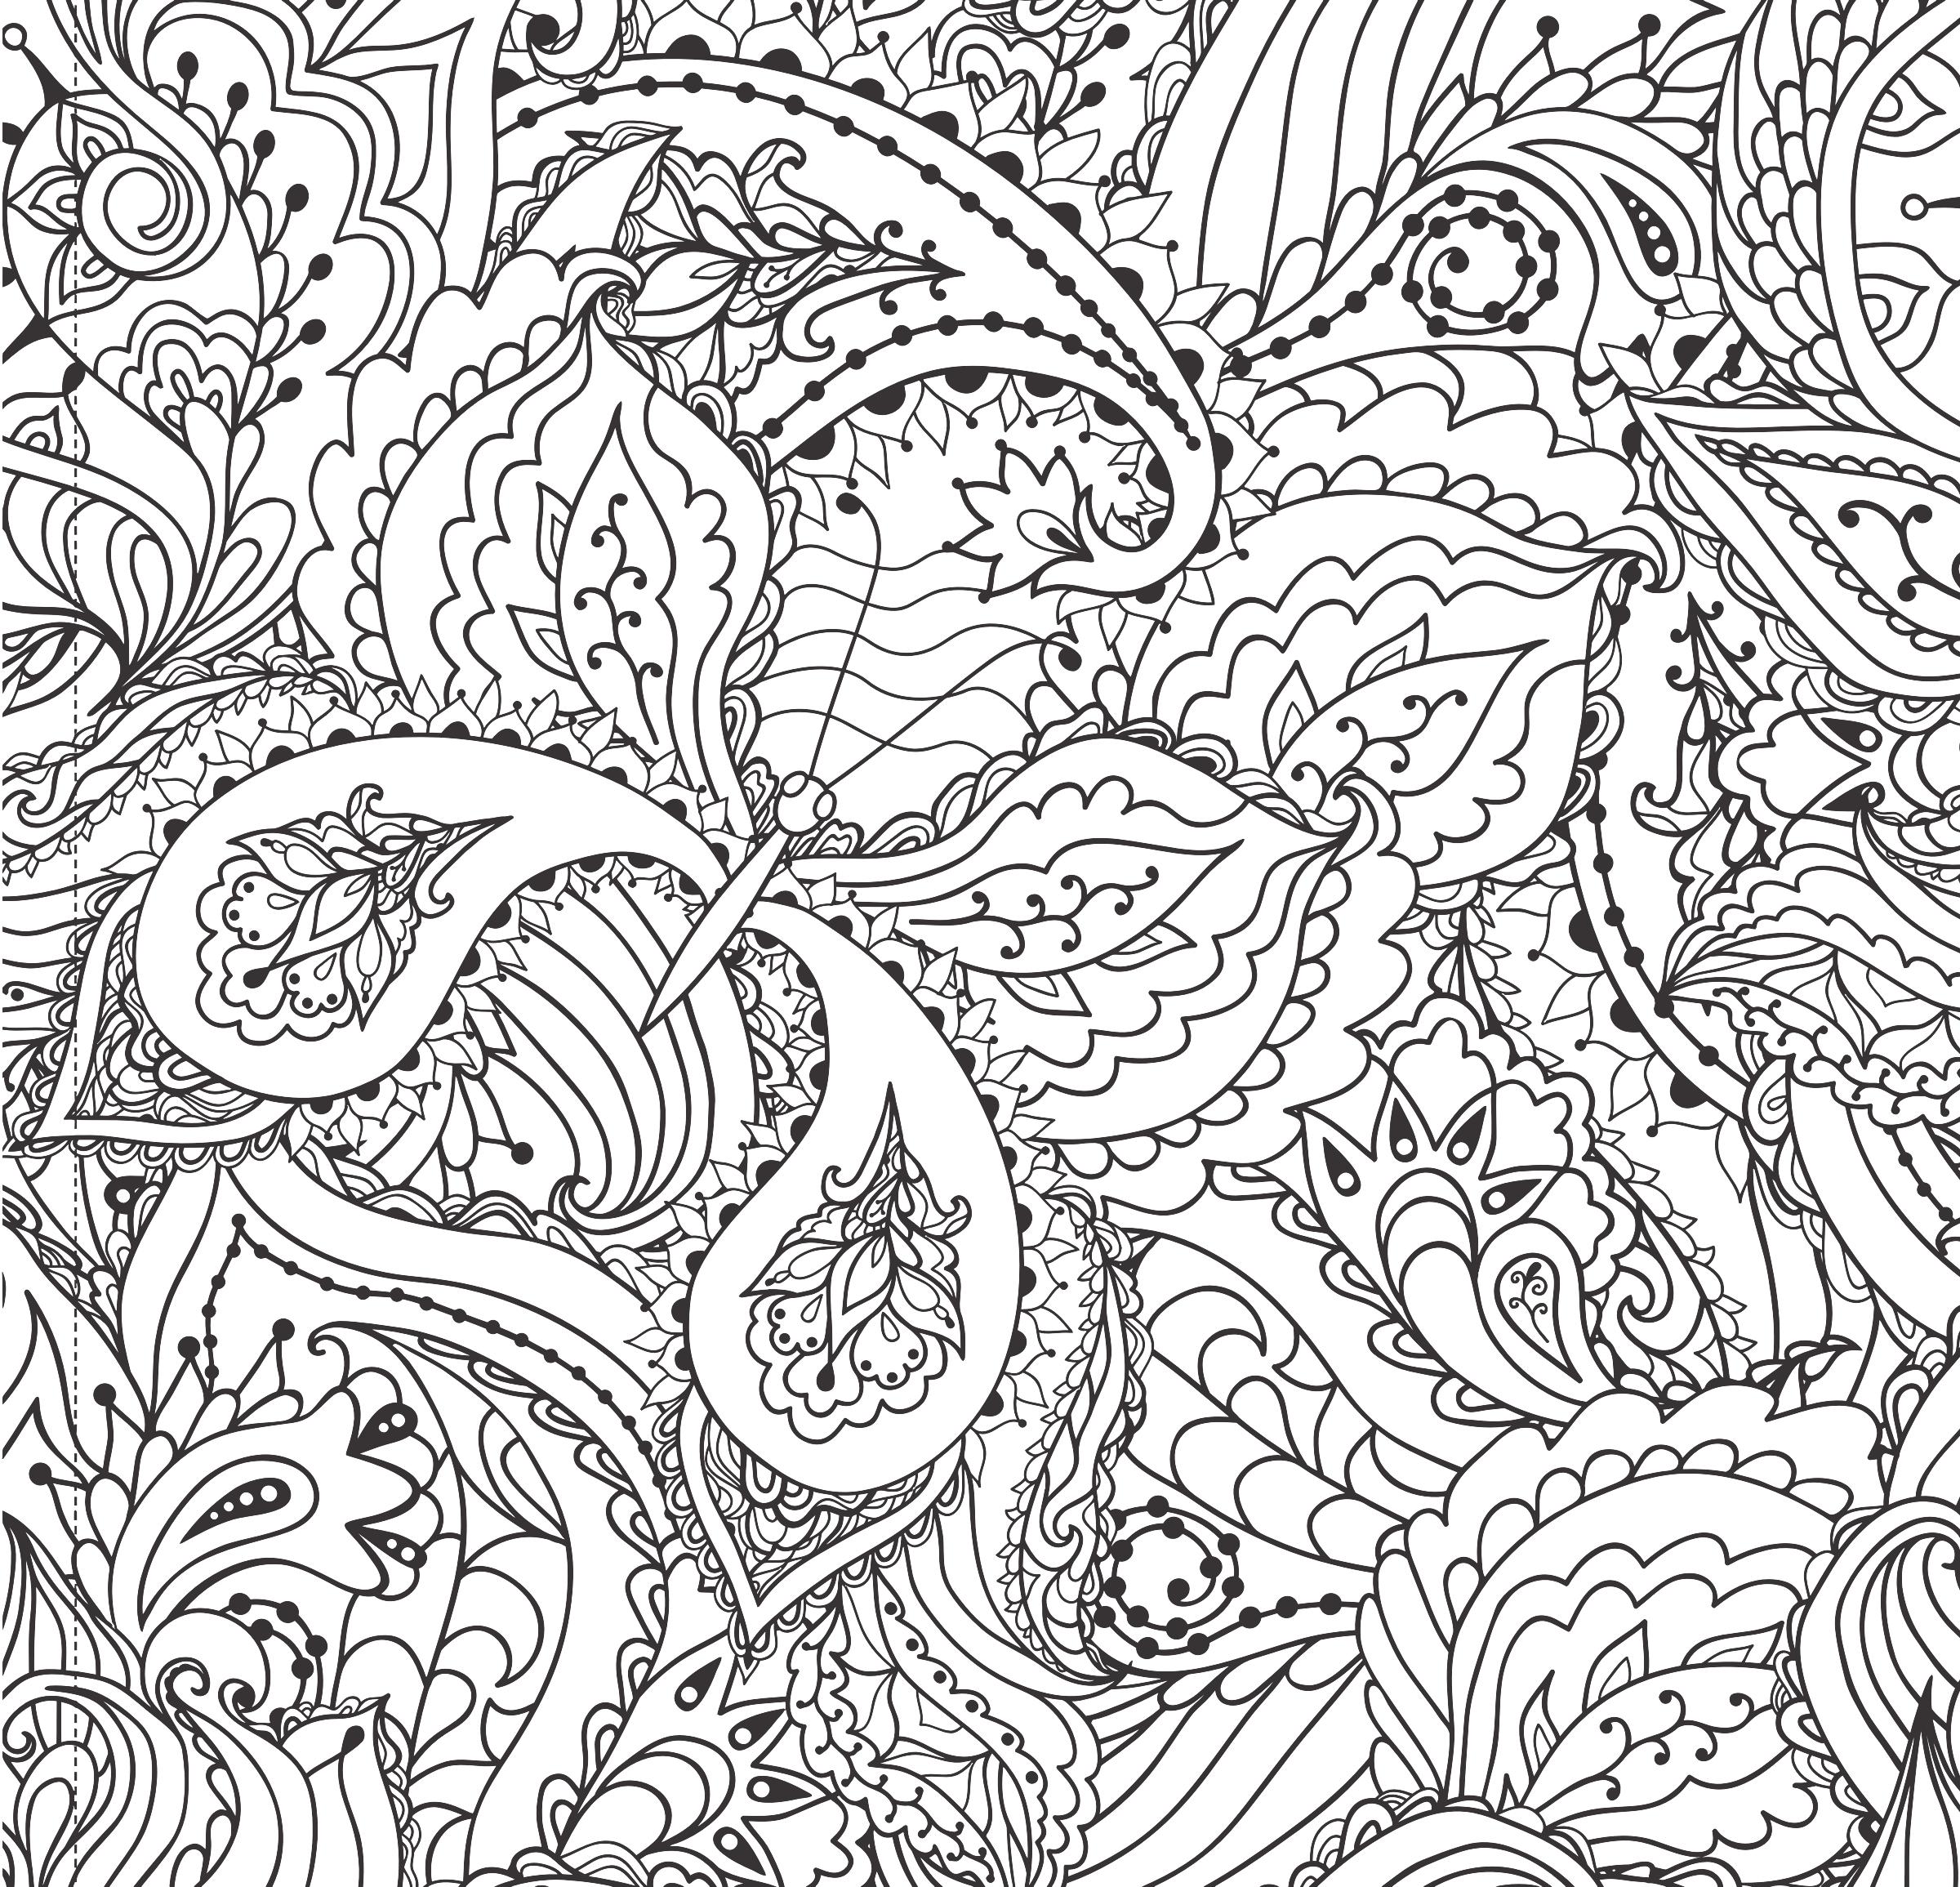 Line Art Floral : Clipart decorative floral butterfly line art